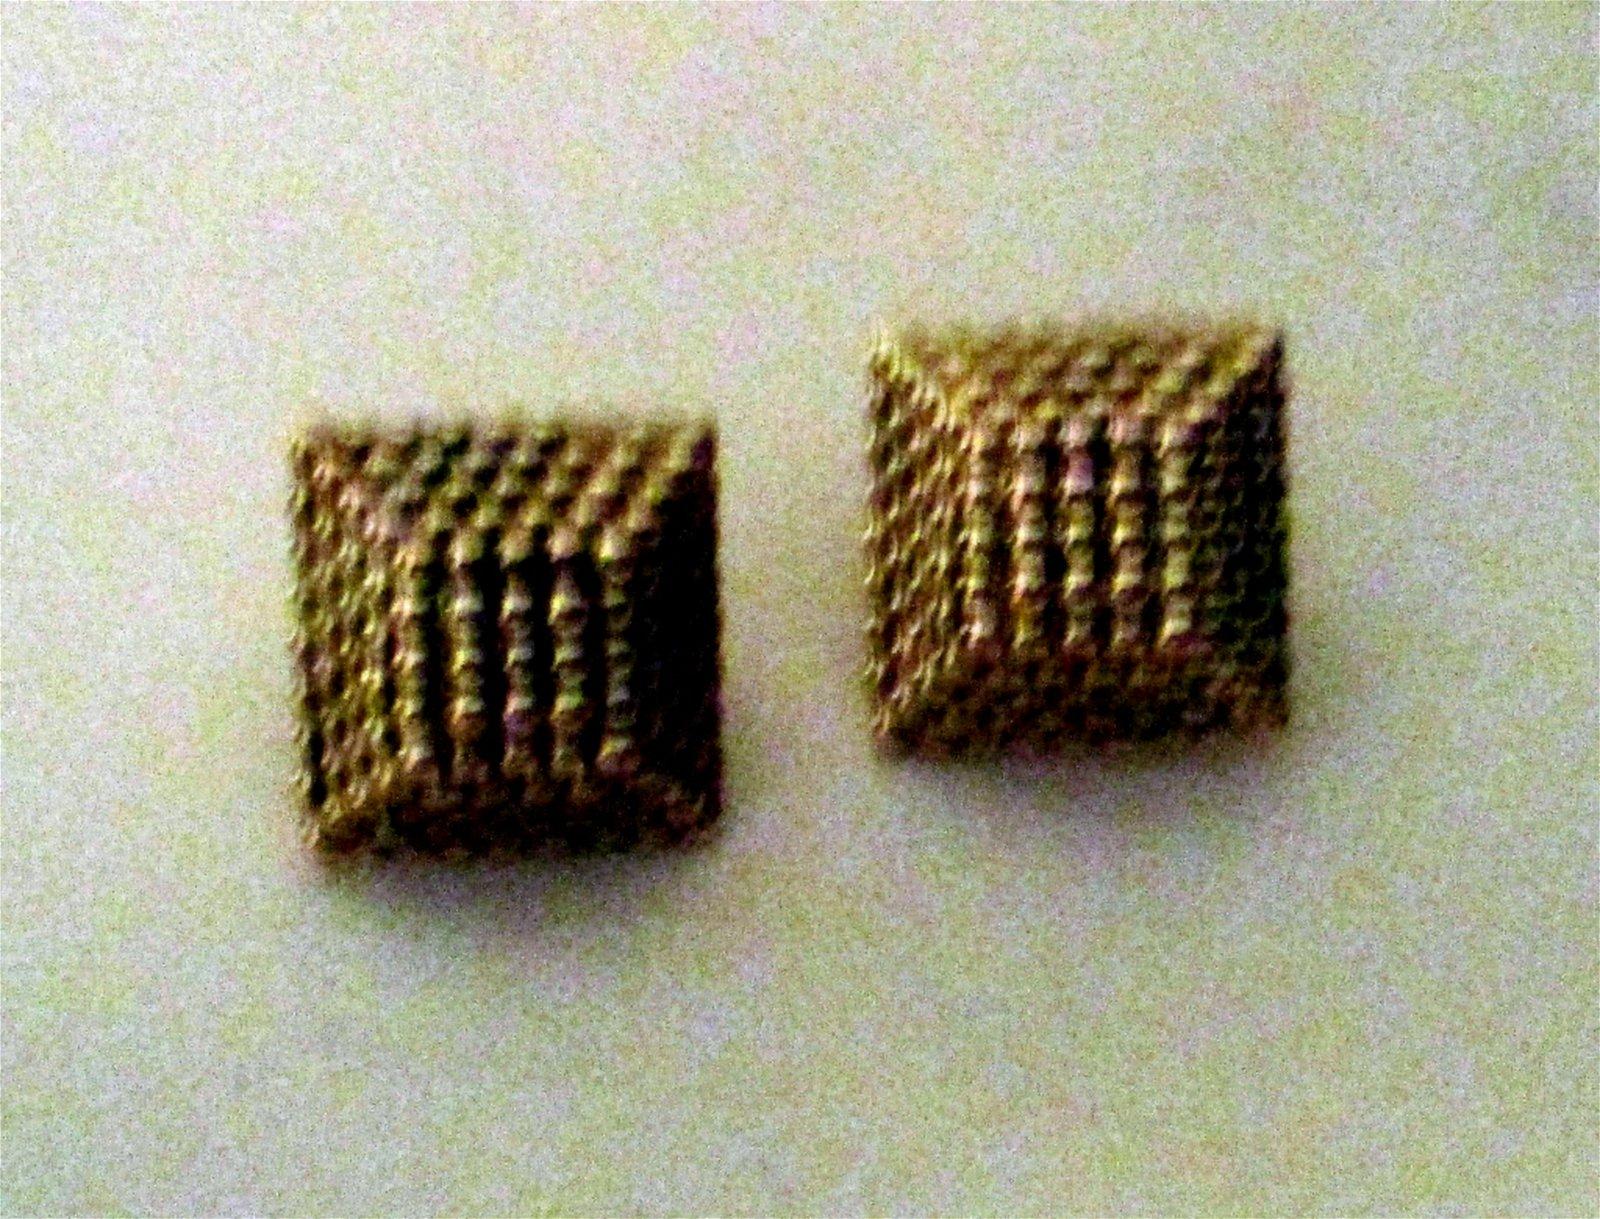 Pair of 14K Gold Earrings